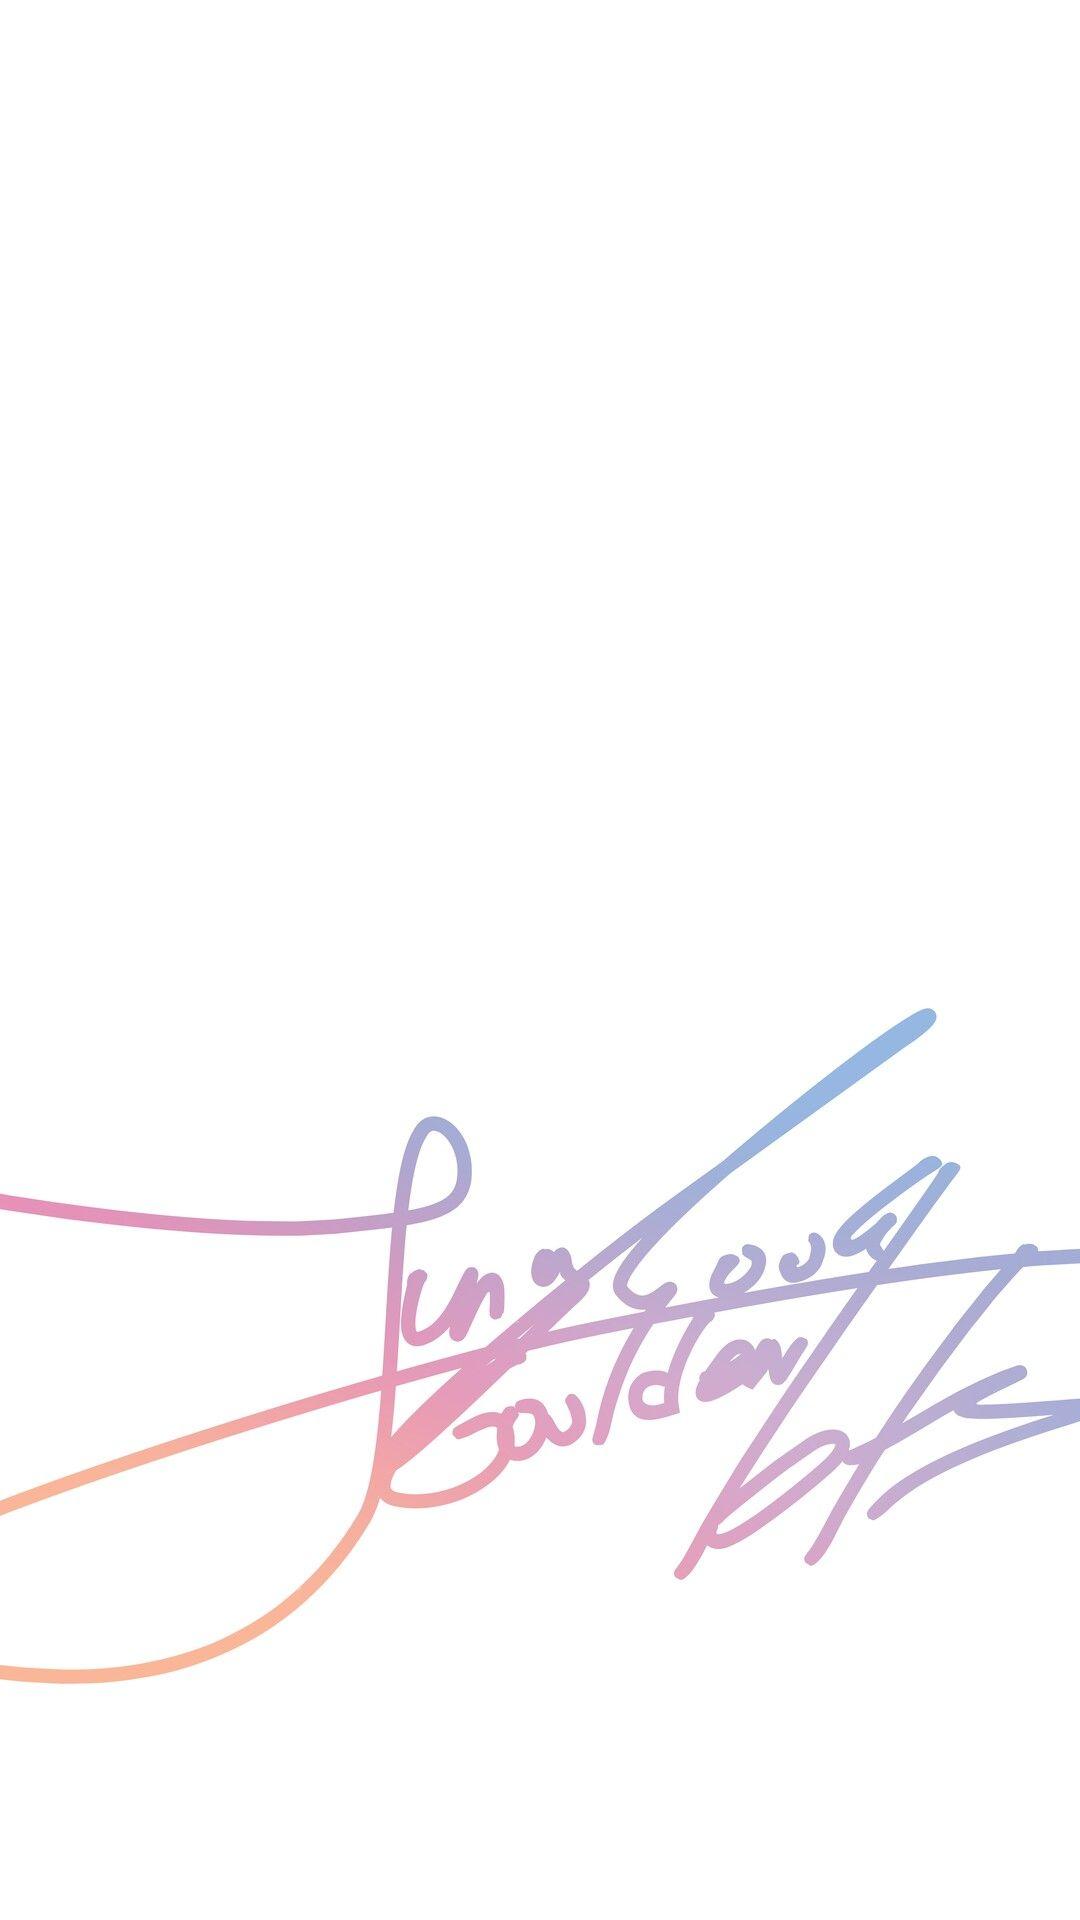 Pin Oleh Jing Yuan Di Jungkook Tanda Tangan Cara Menggambar Sampul Album